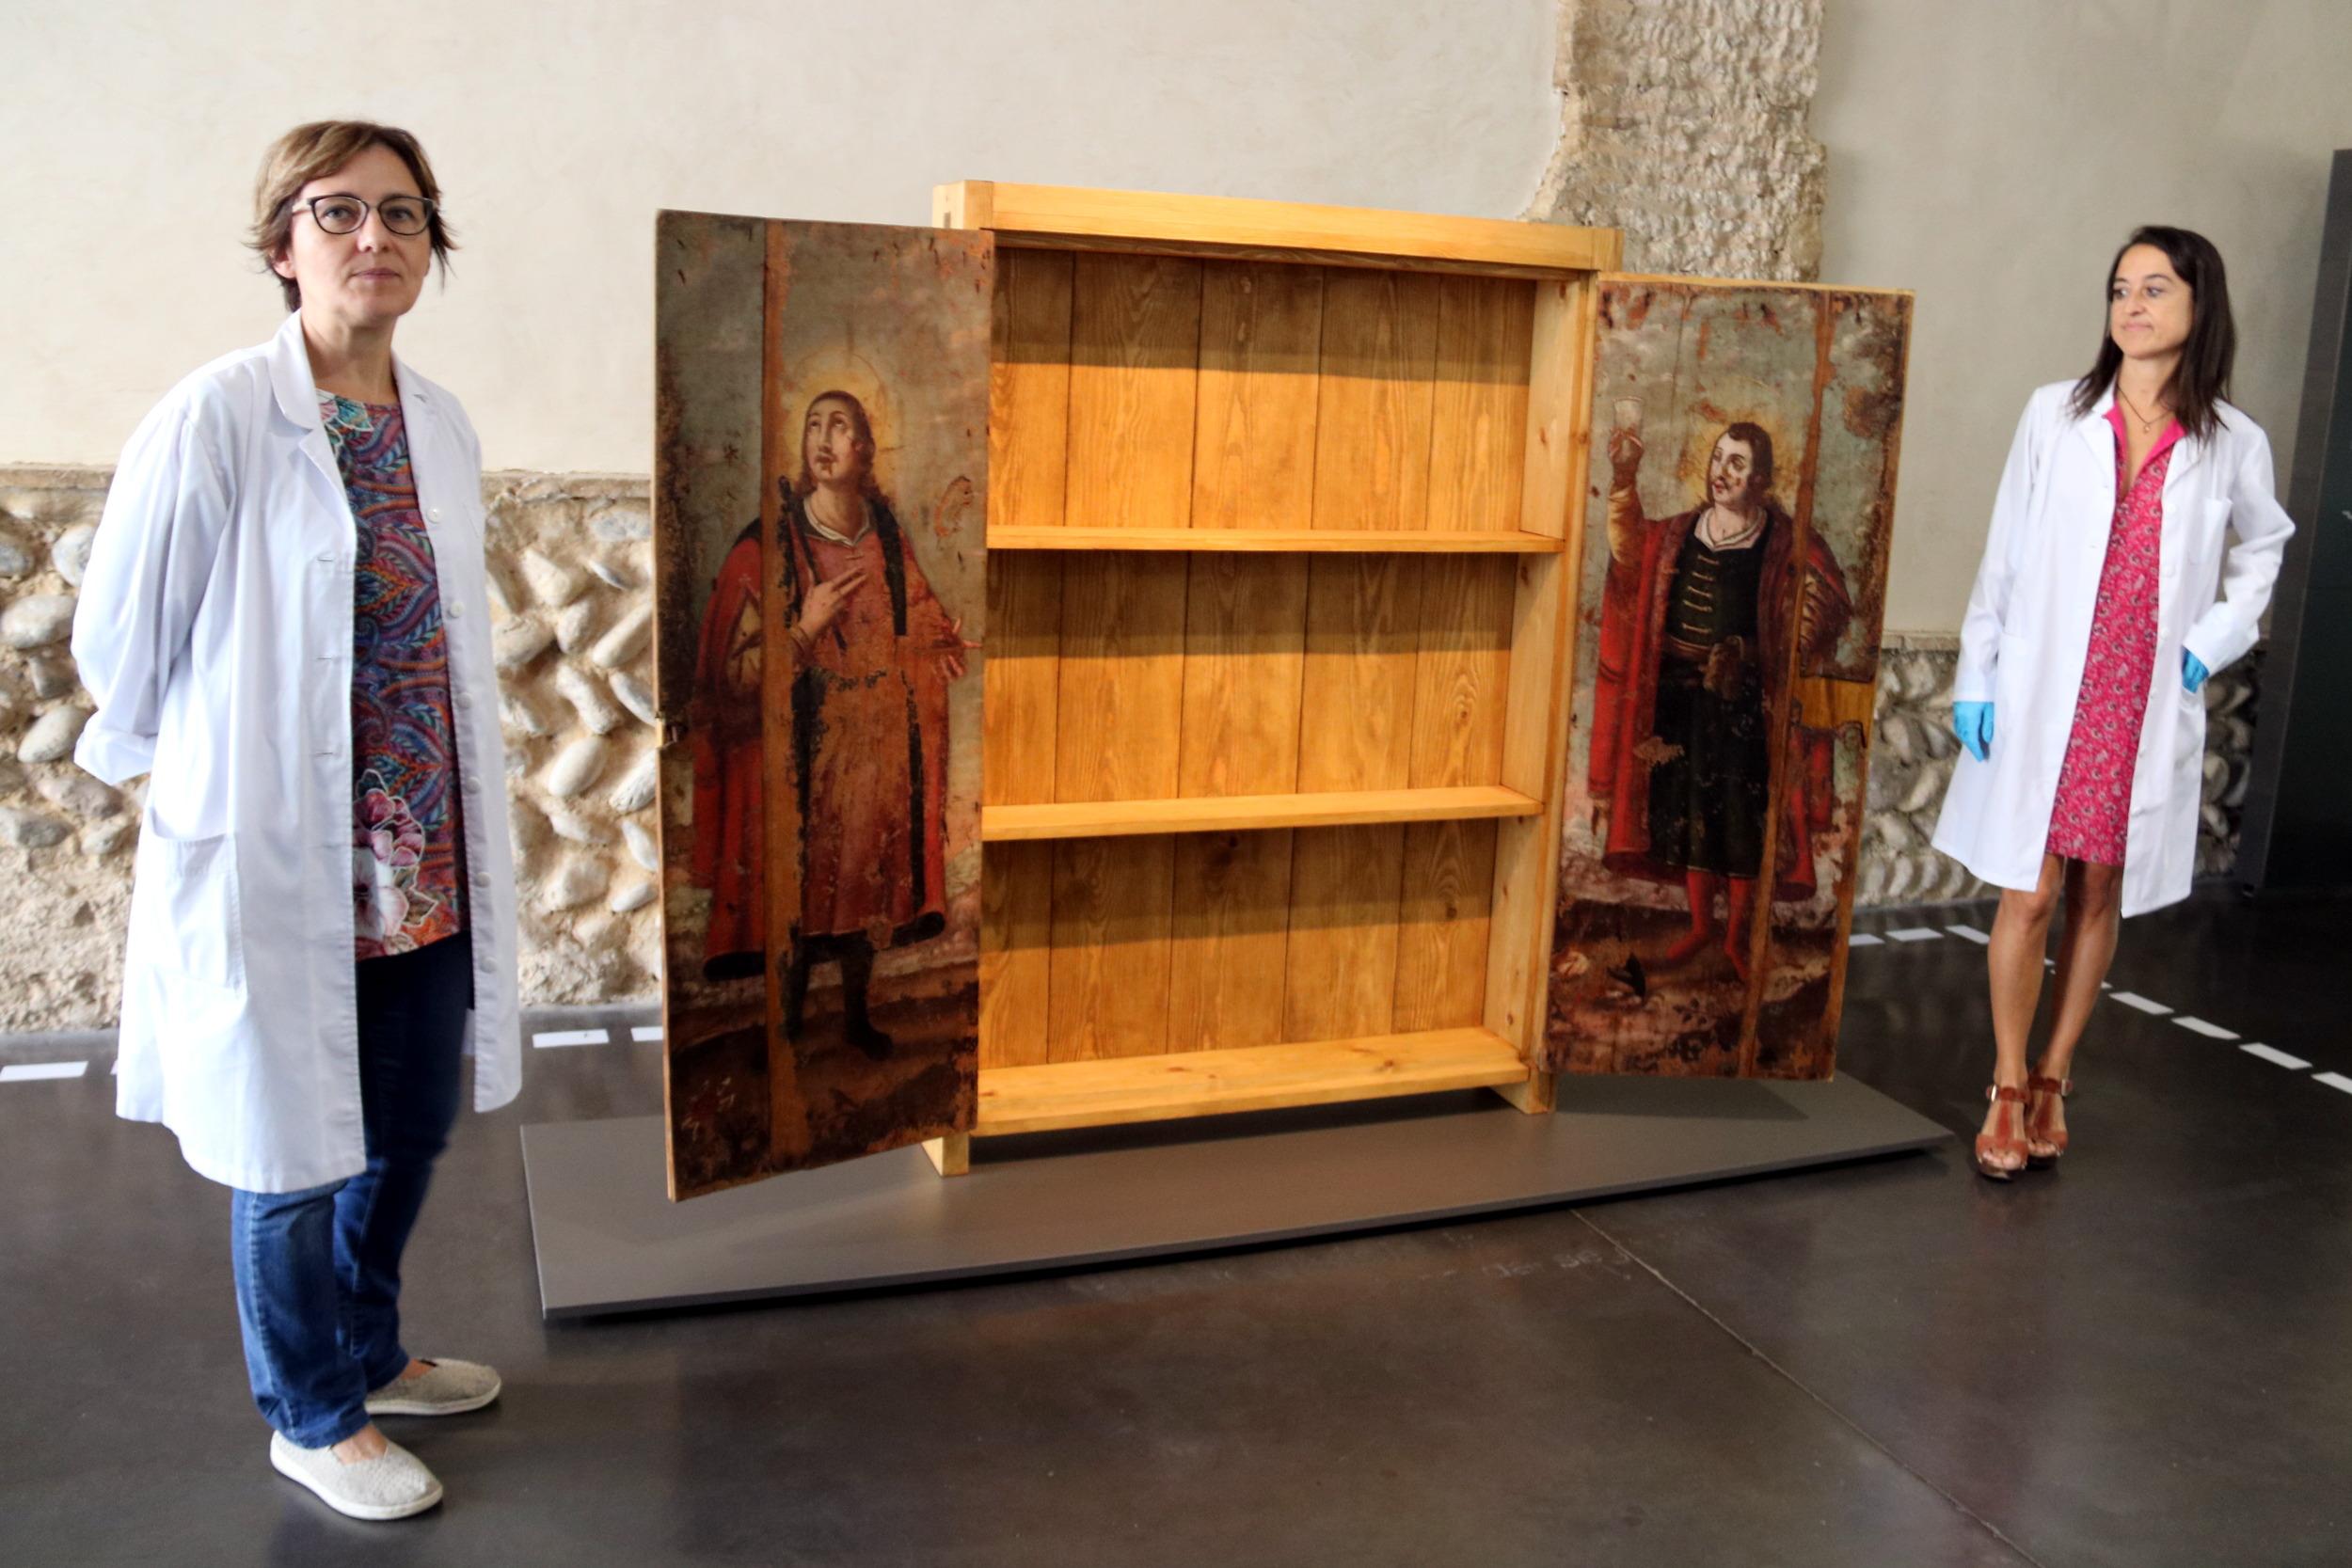 Els Museus de Lleida i Guissona presenten un armari de farmàcia del segle XVII, amb imatges de Sant Cosme i Sant Damià